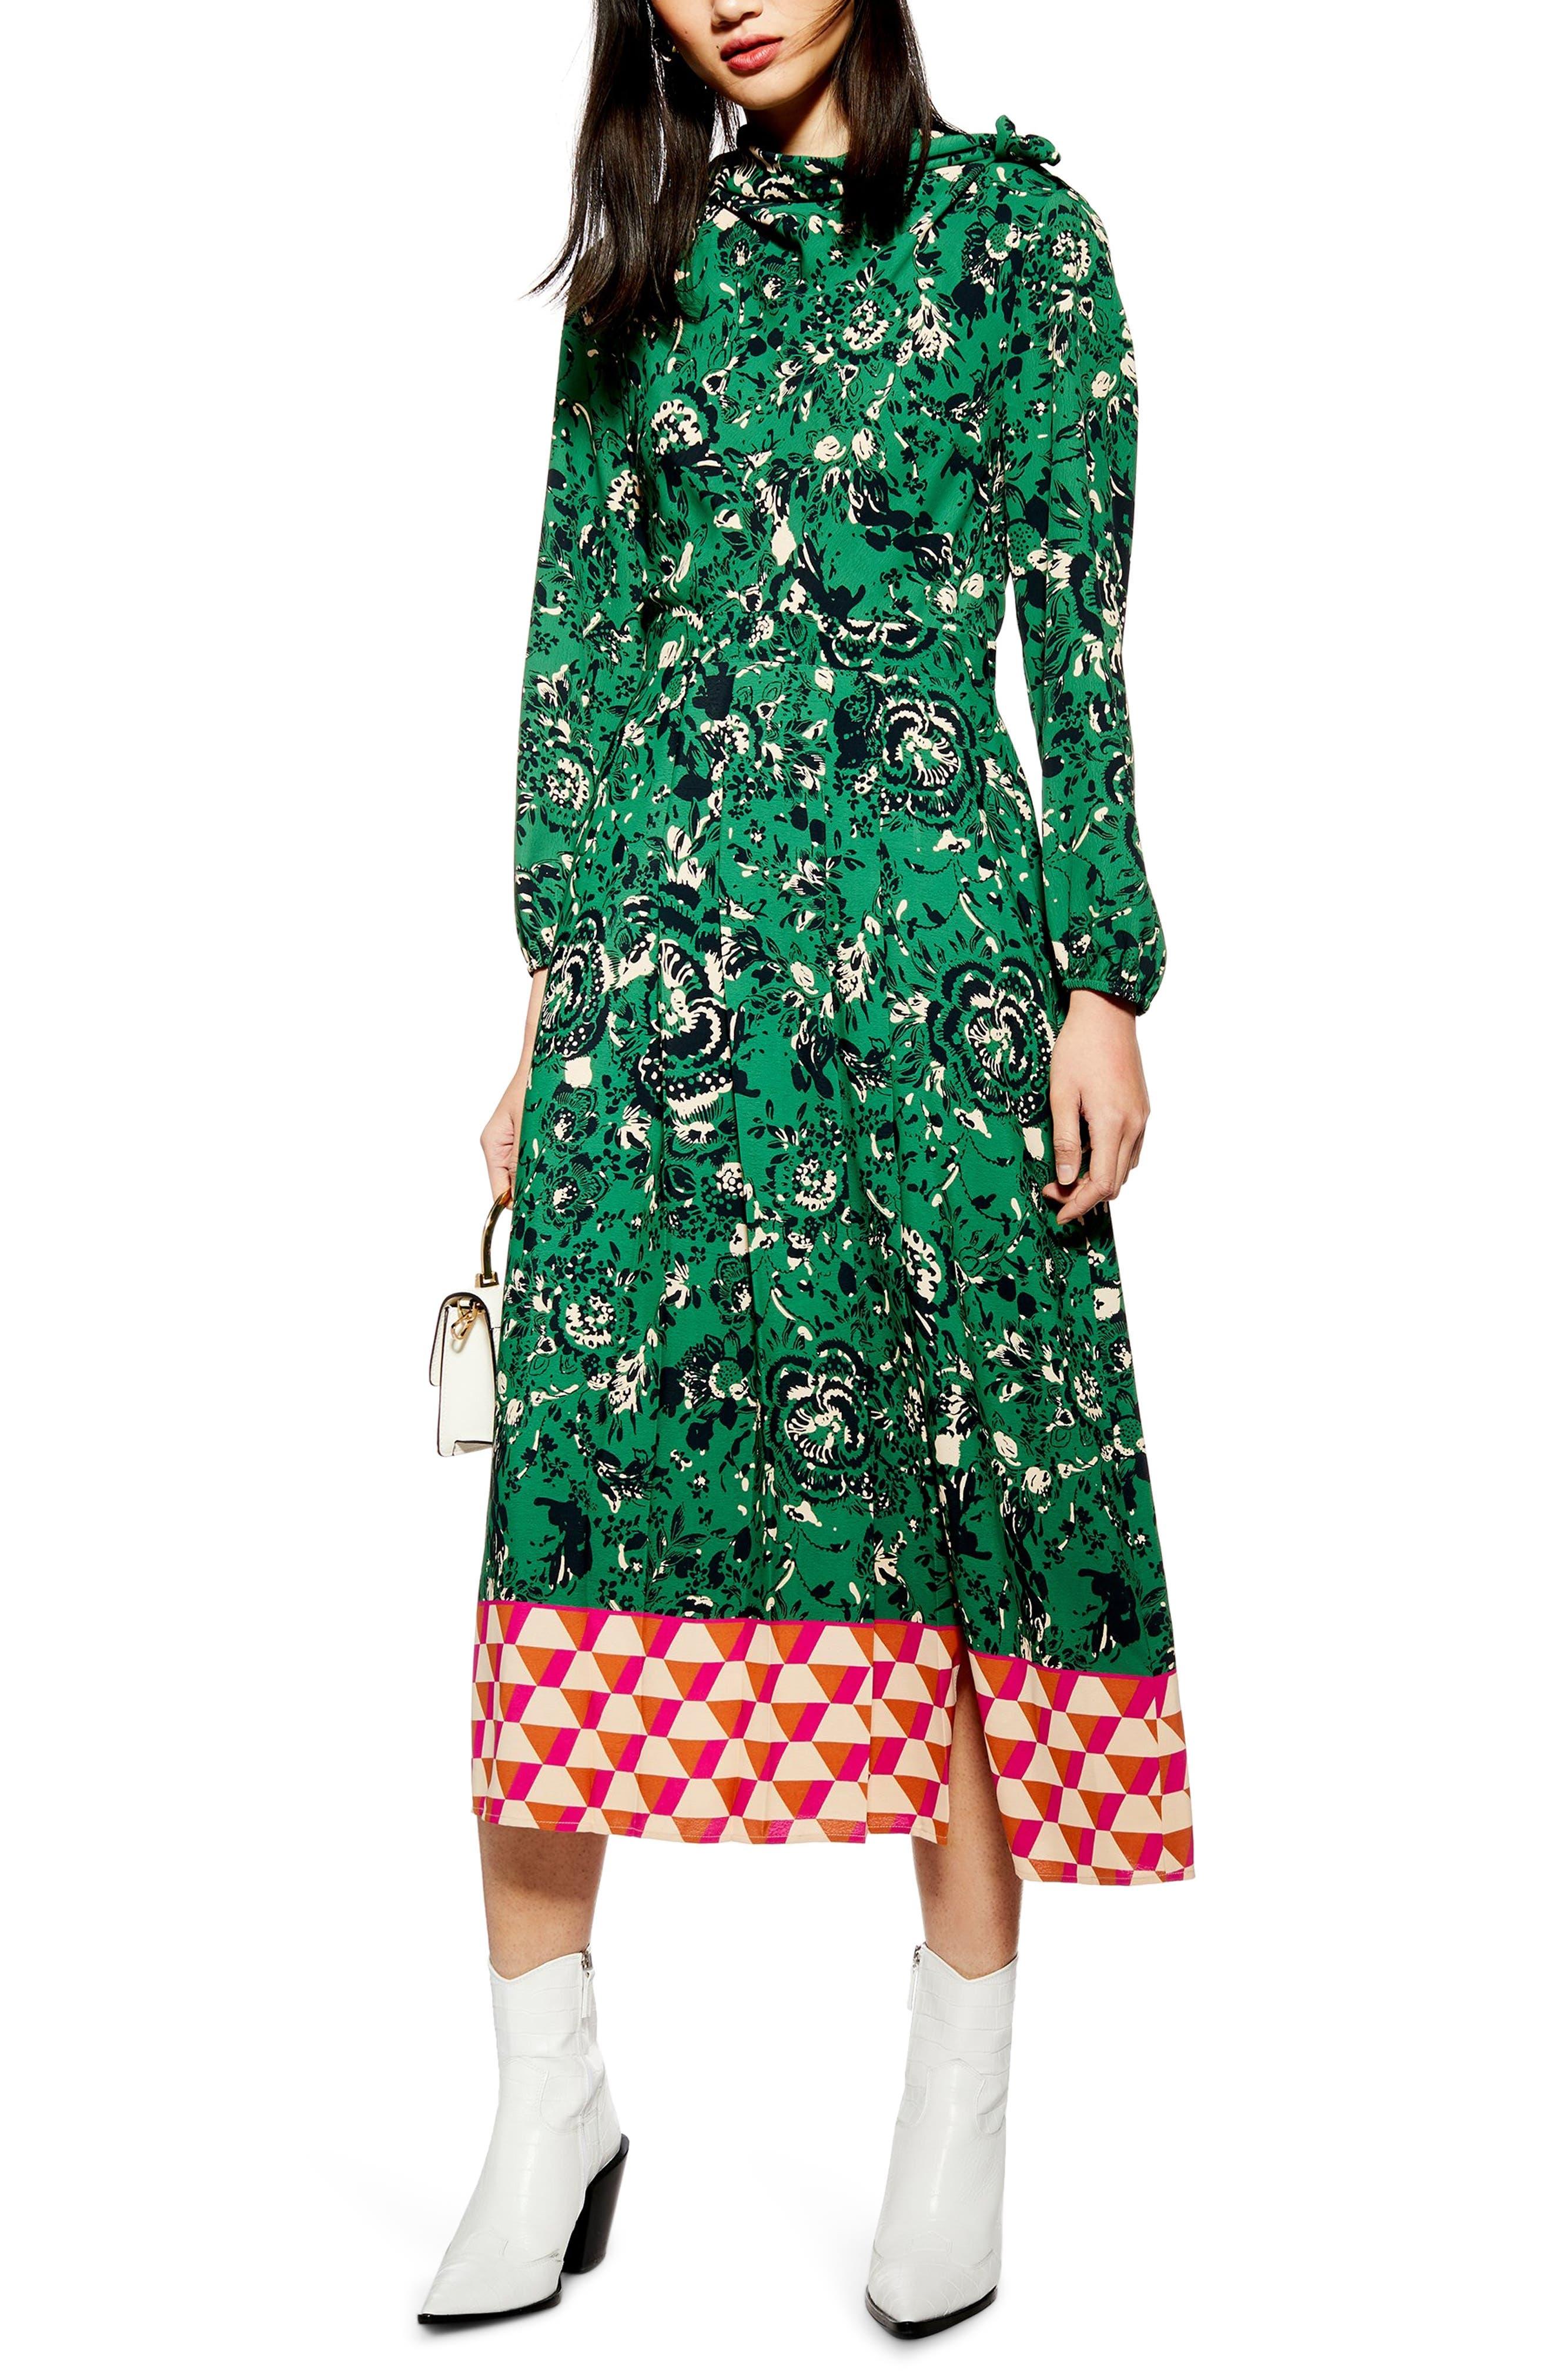 Topshop Geo Border Tie Neck Midi Dress, US (fits like 2-4) - Green